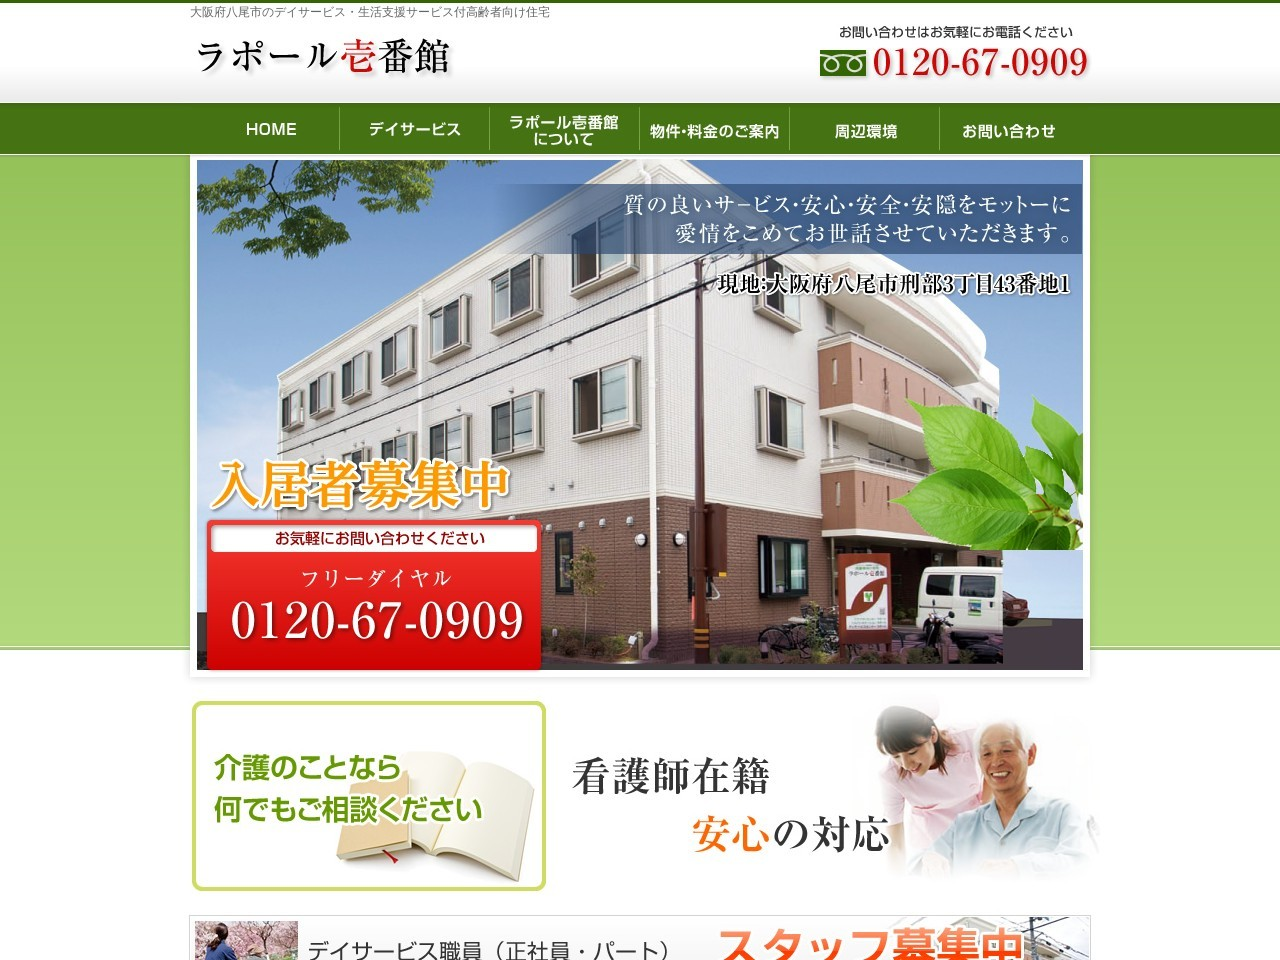 大阪府八尾市のデイサービス・生活支援サービス付高齢者向け住宅 「ラポール壱番館」